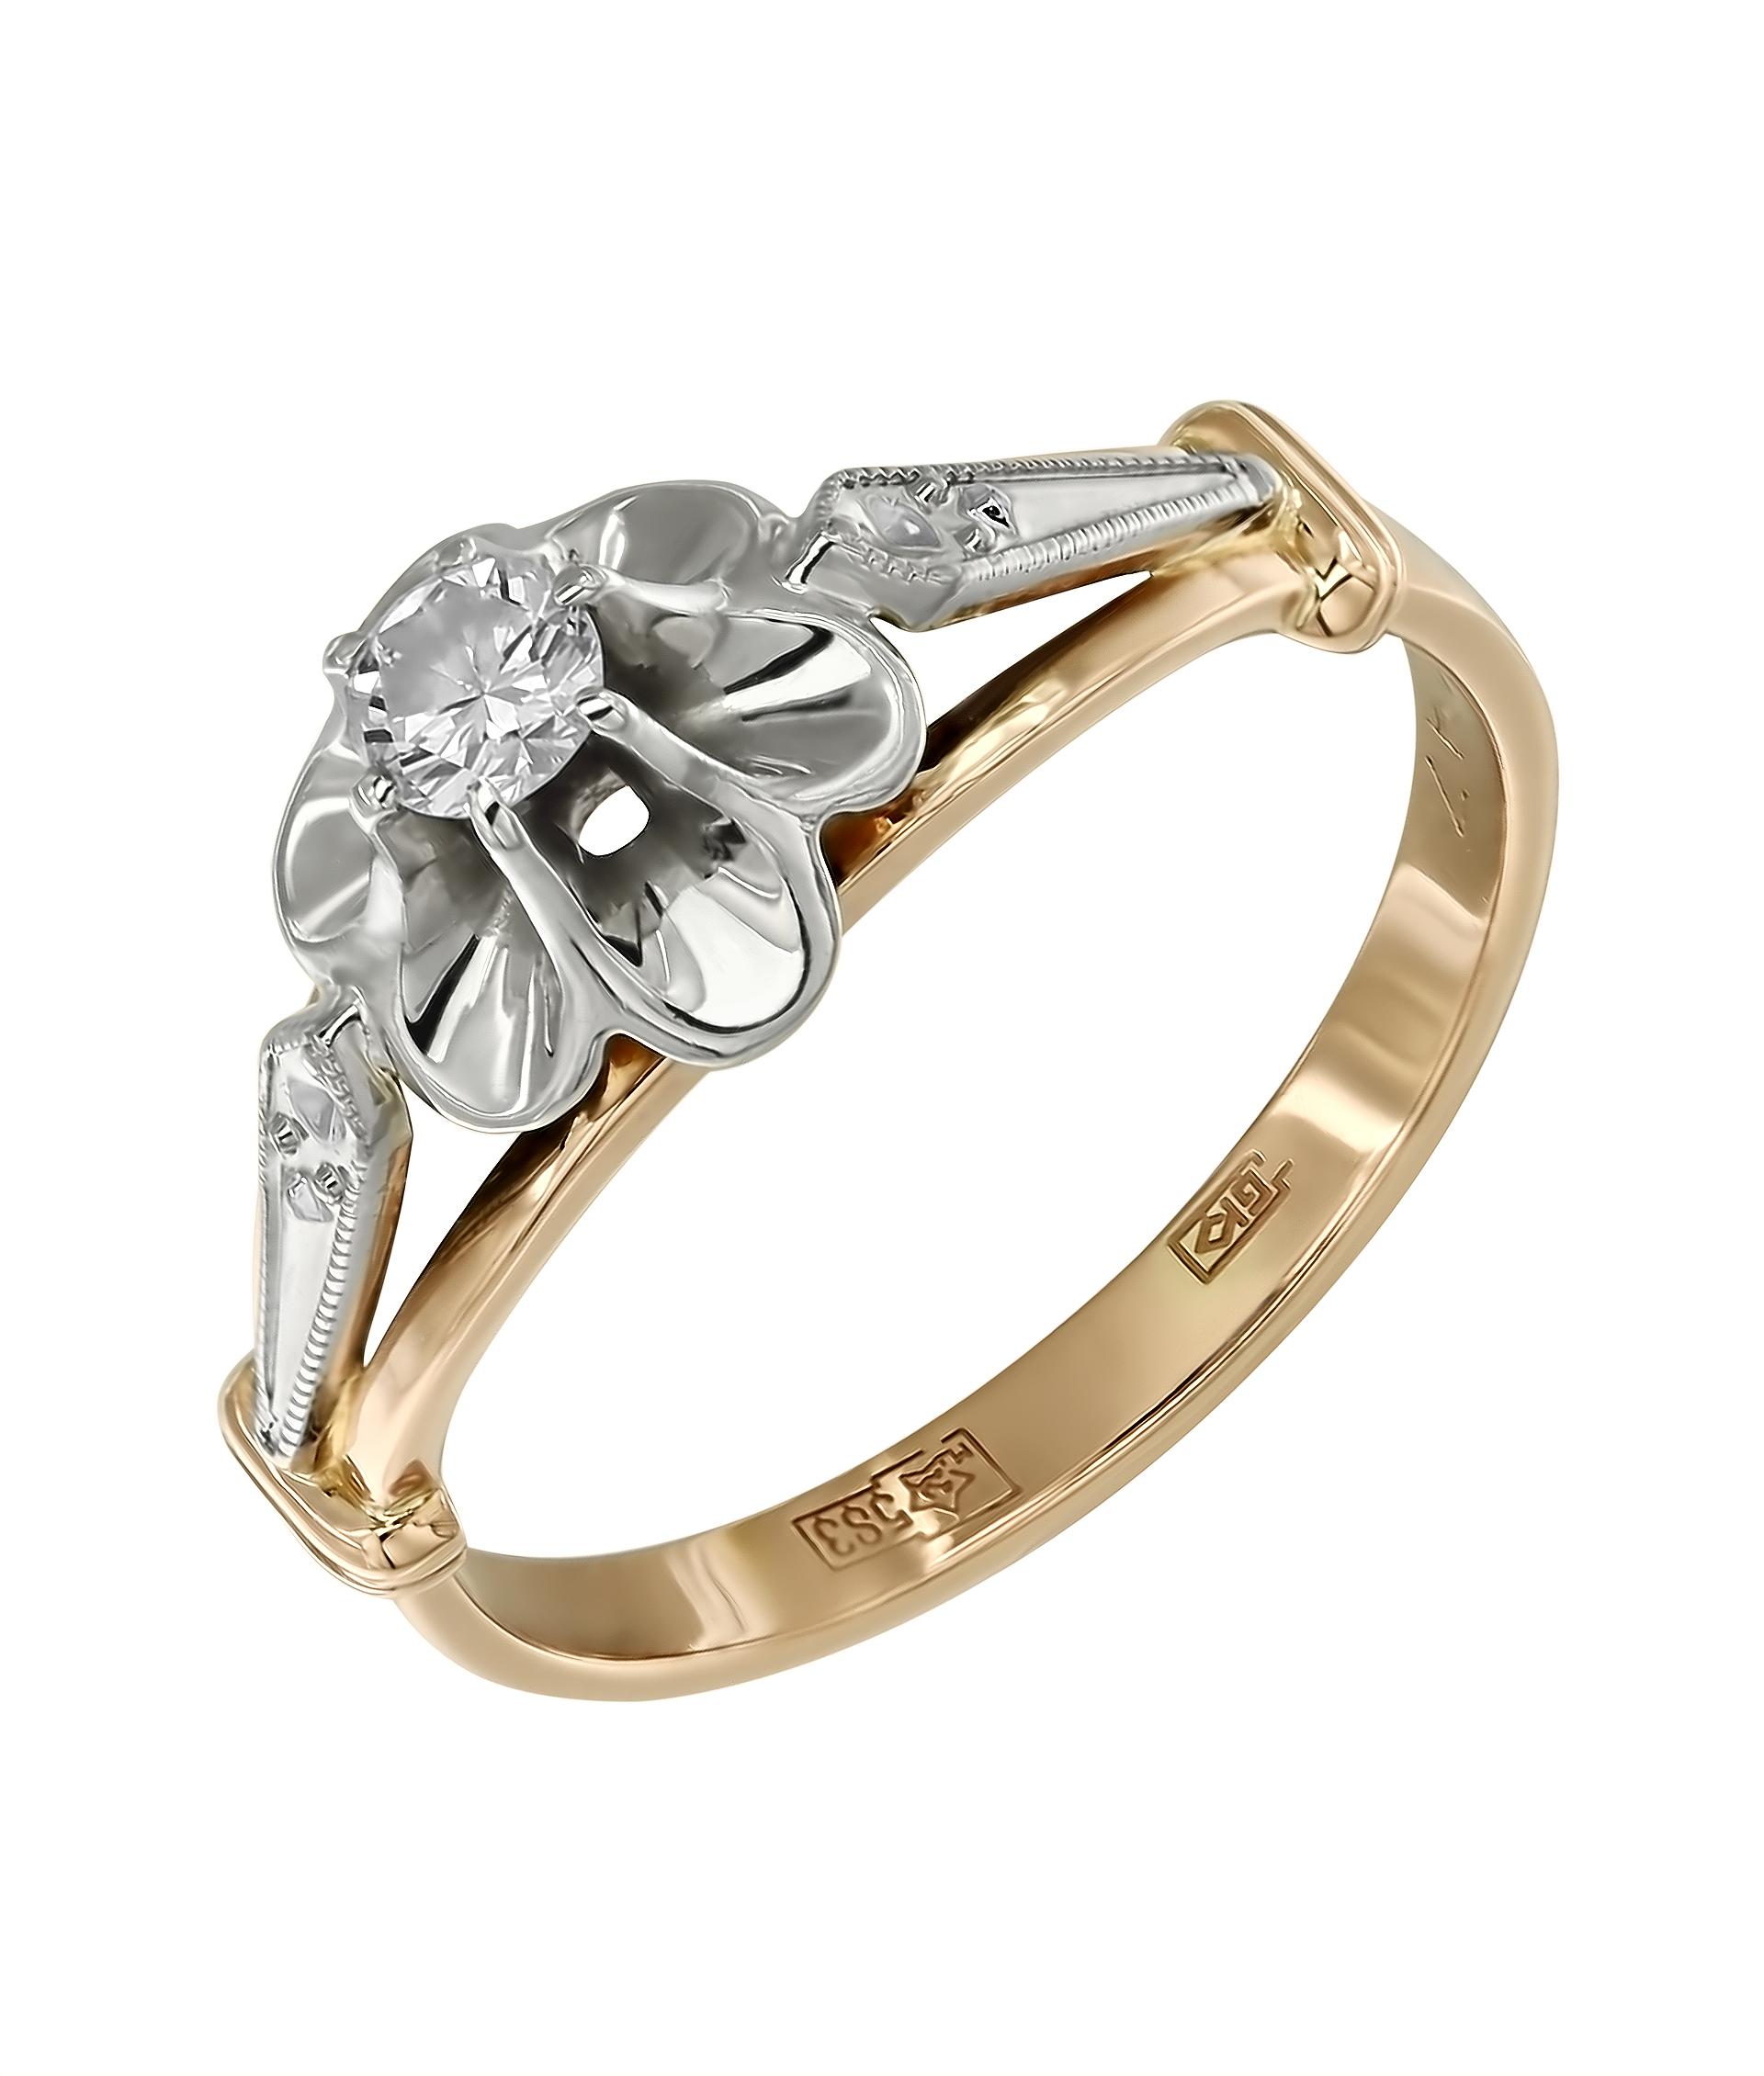 кольцо с бриллиантами тюльпан фото своим